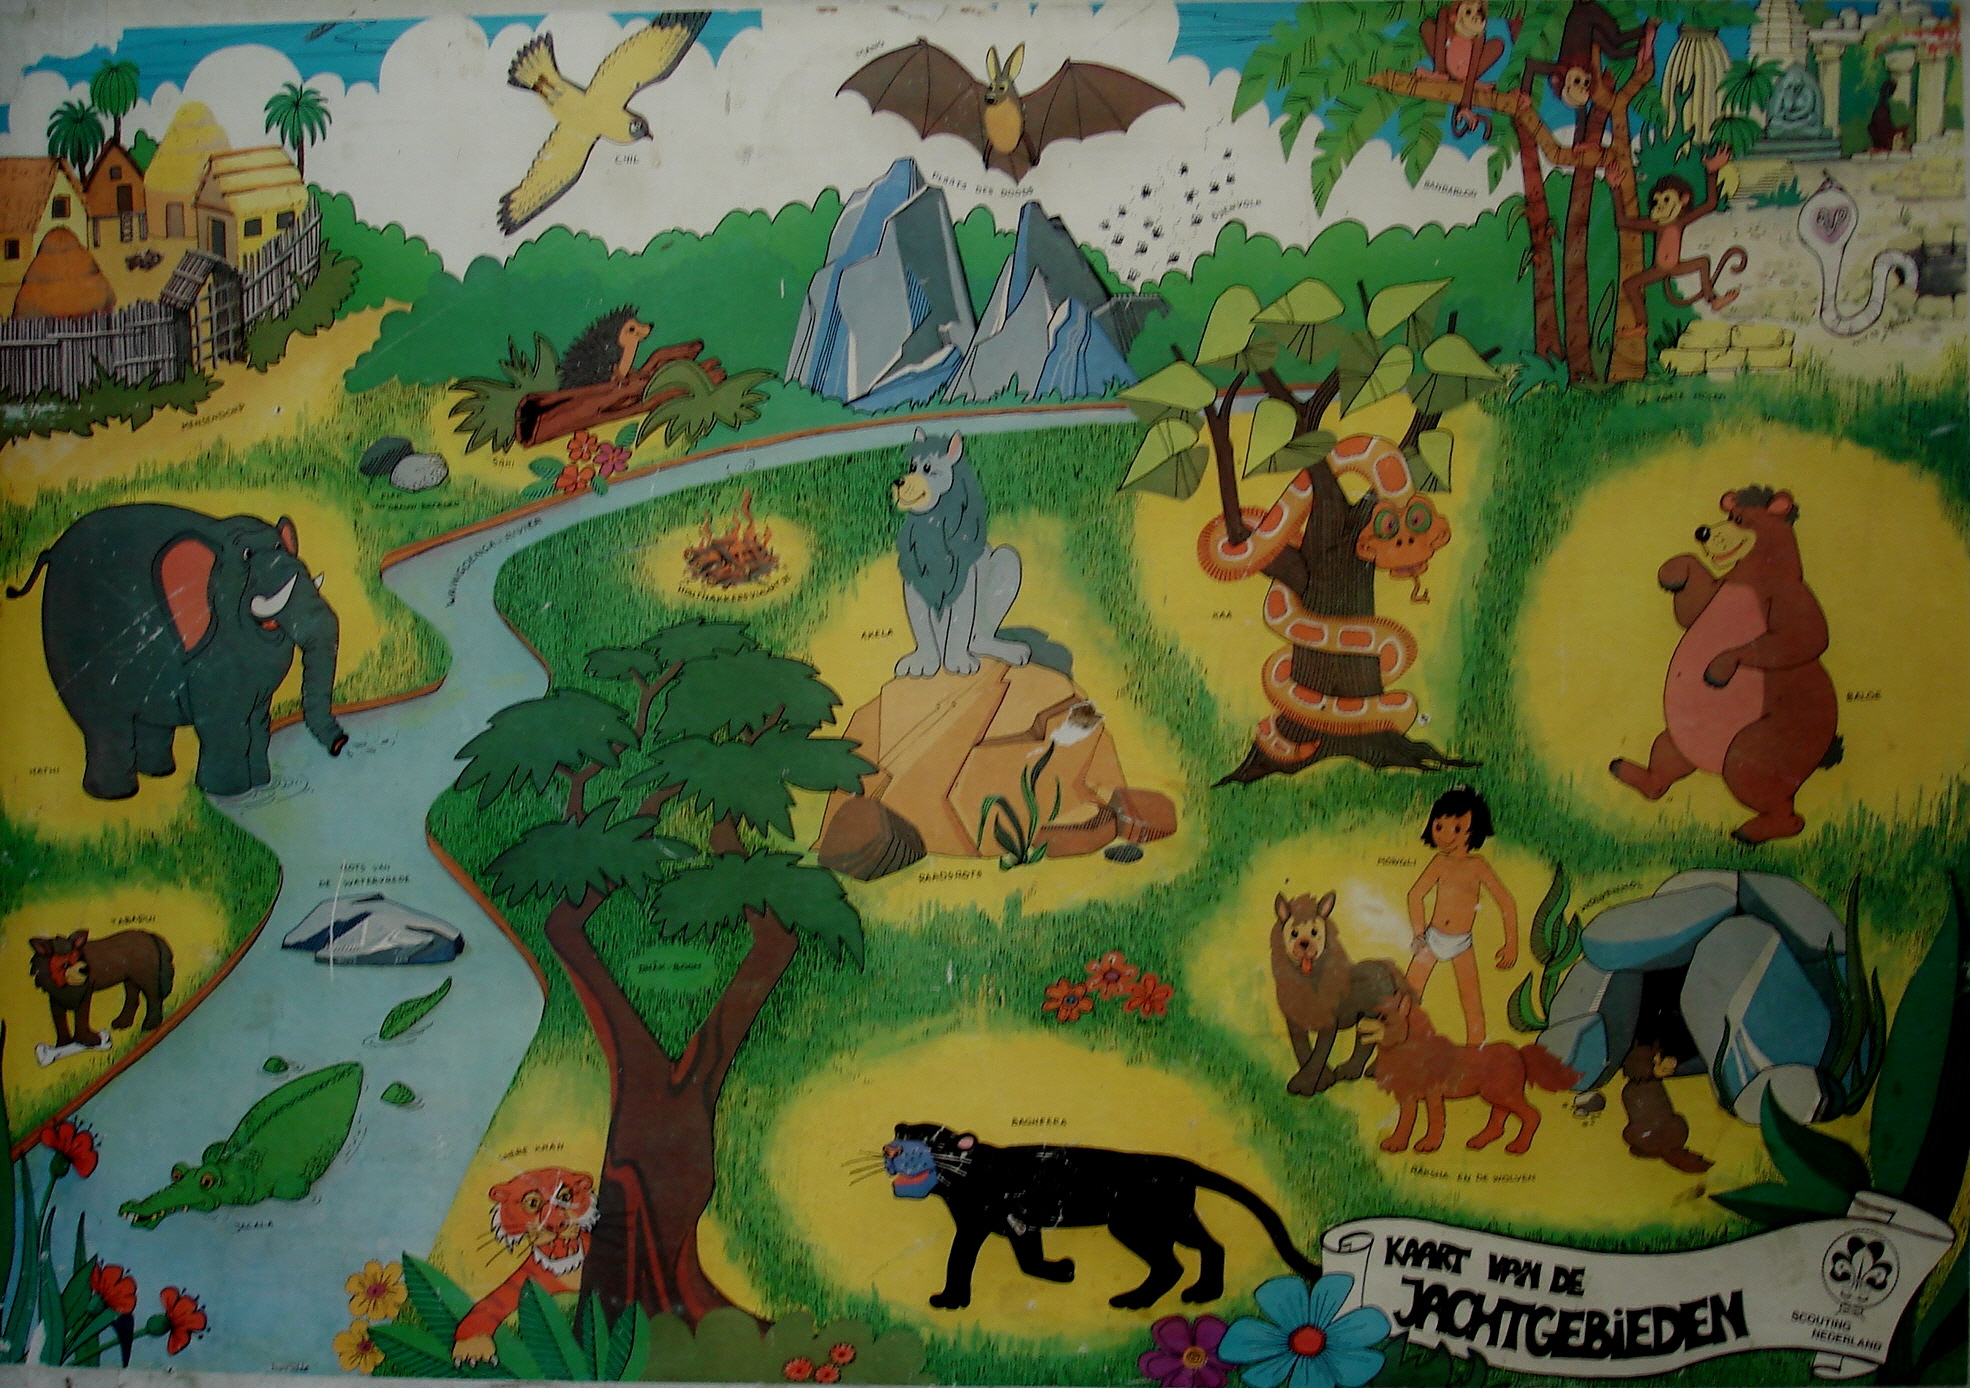 De kaart van de jungle